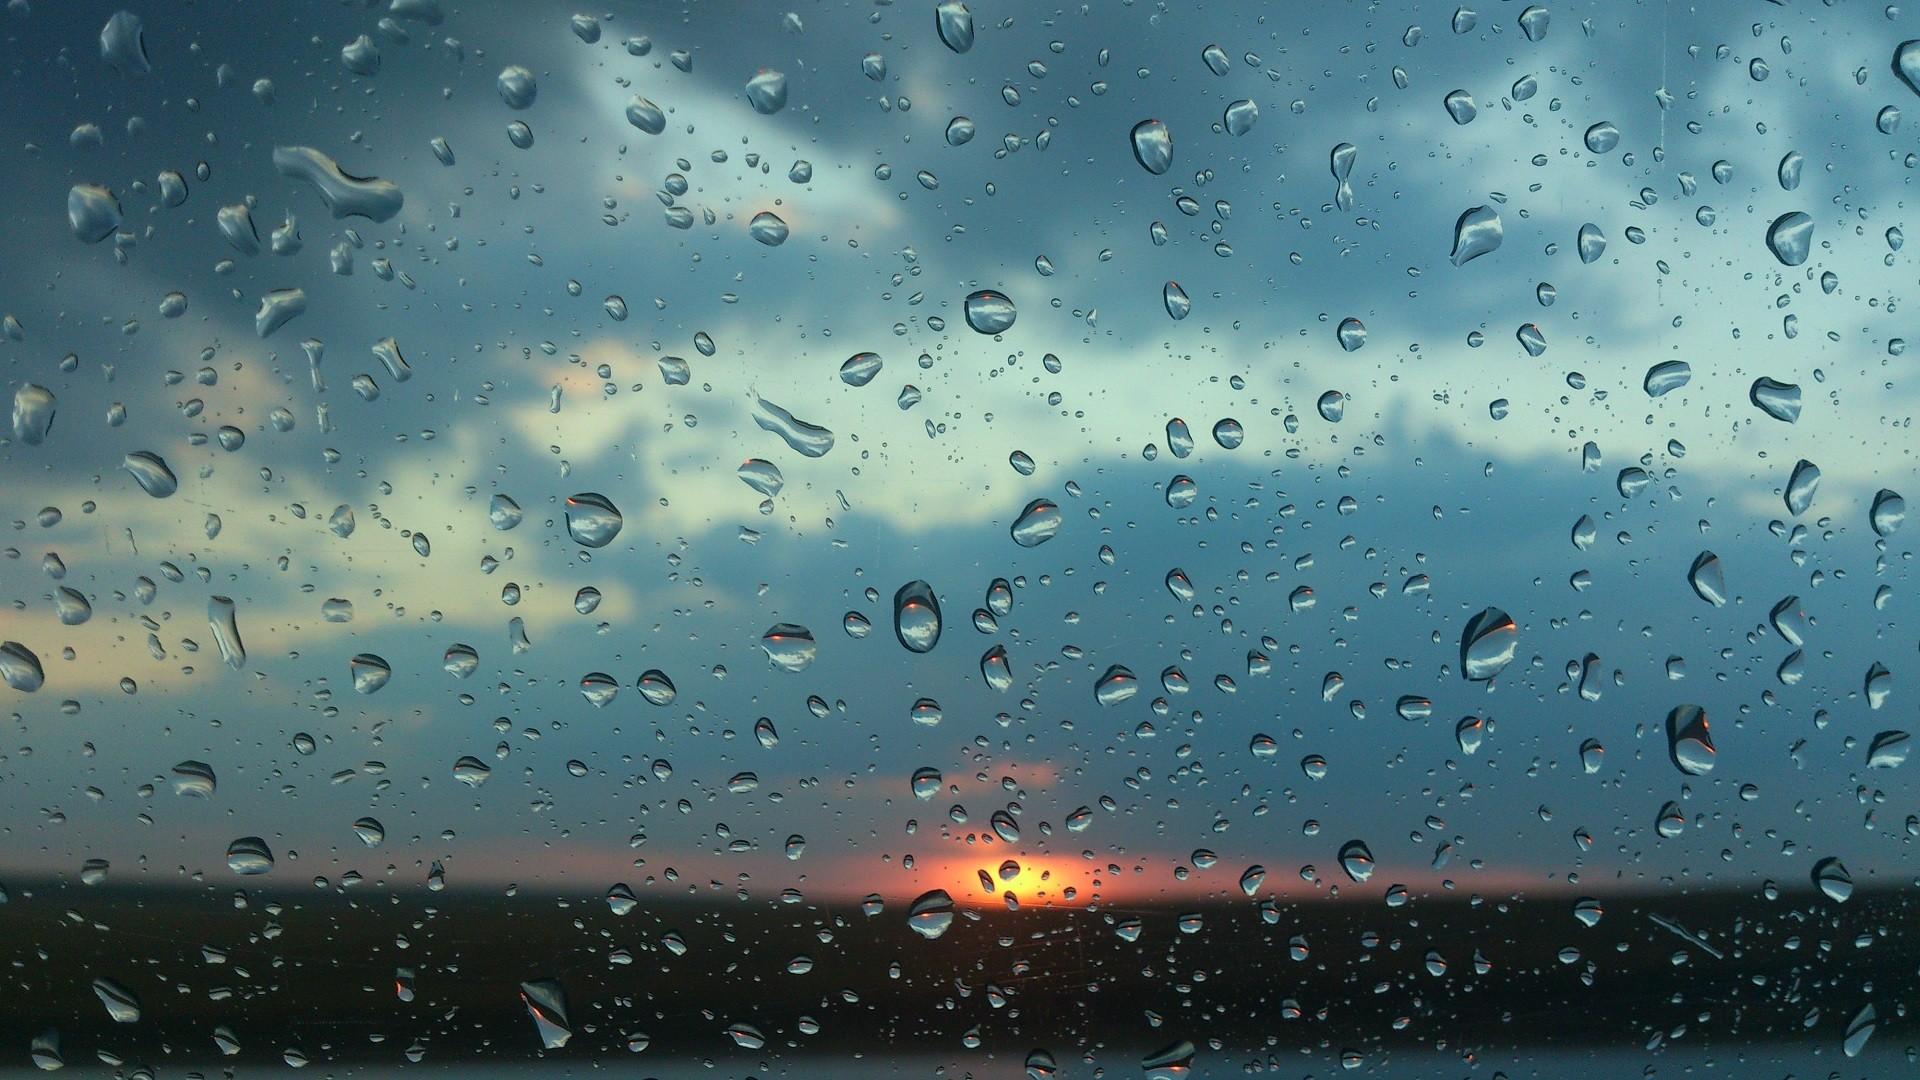 дождь картинки фото на телефон